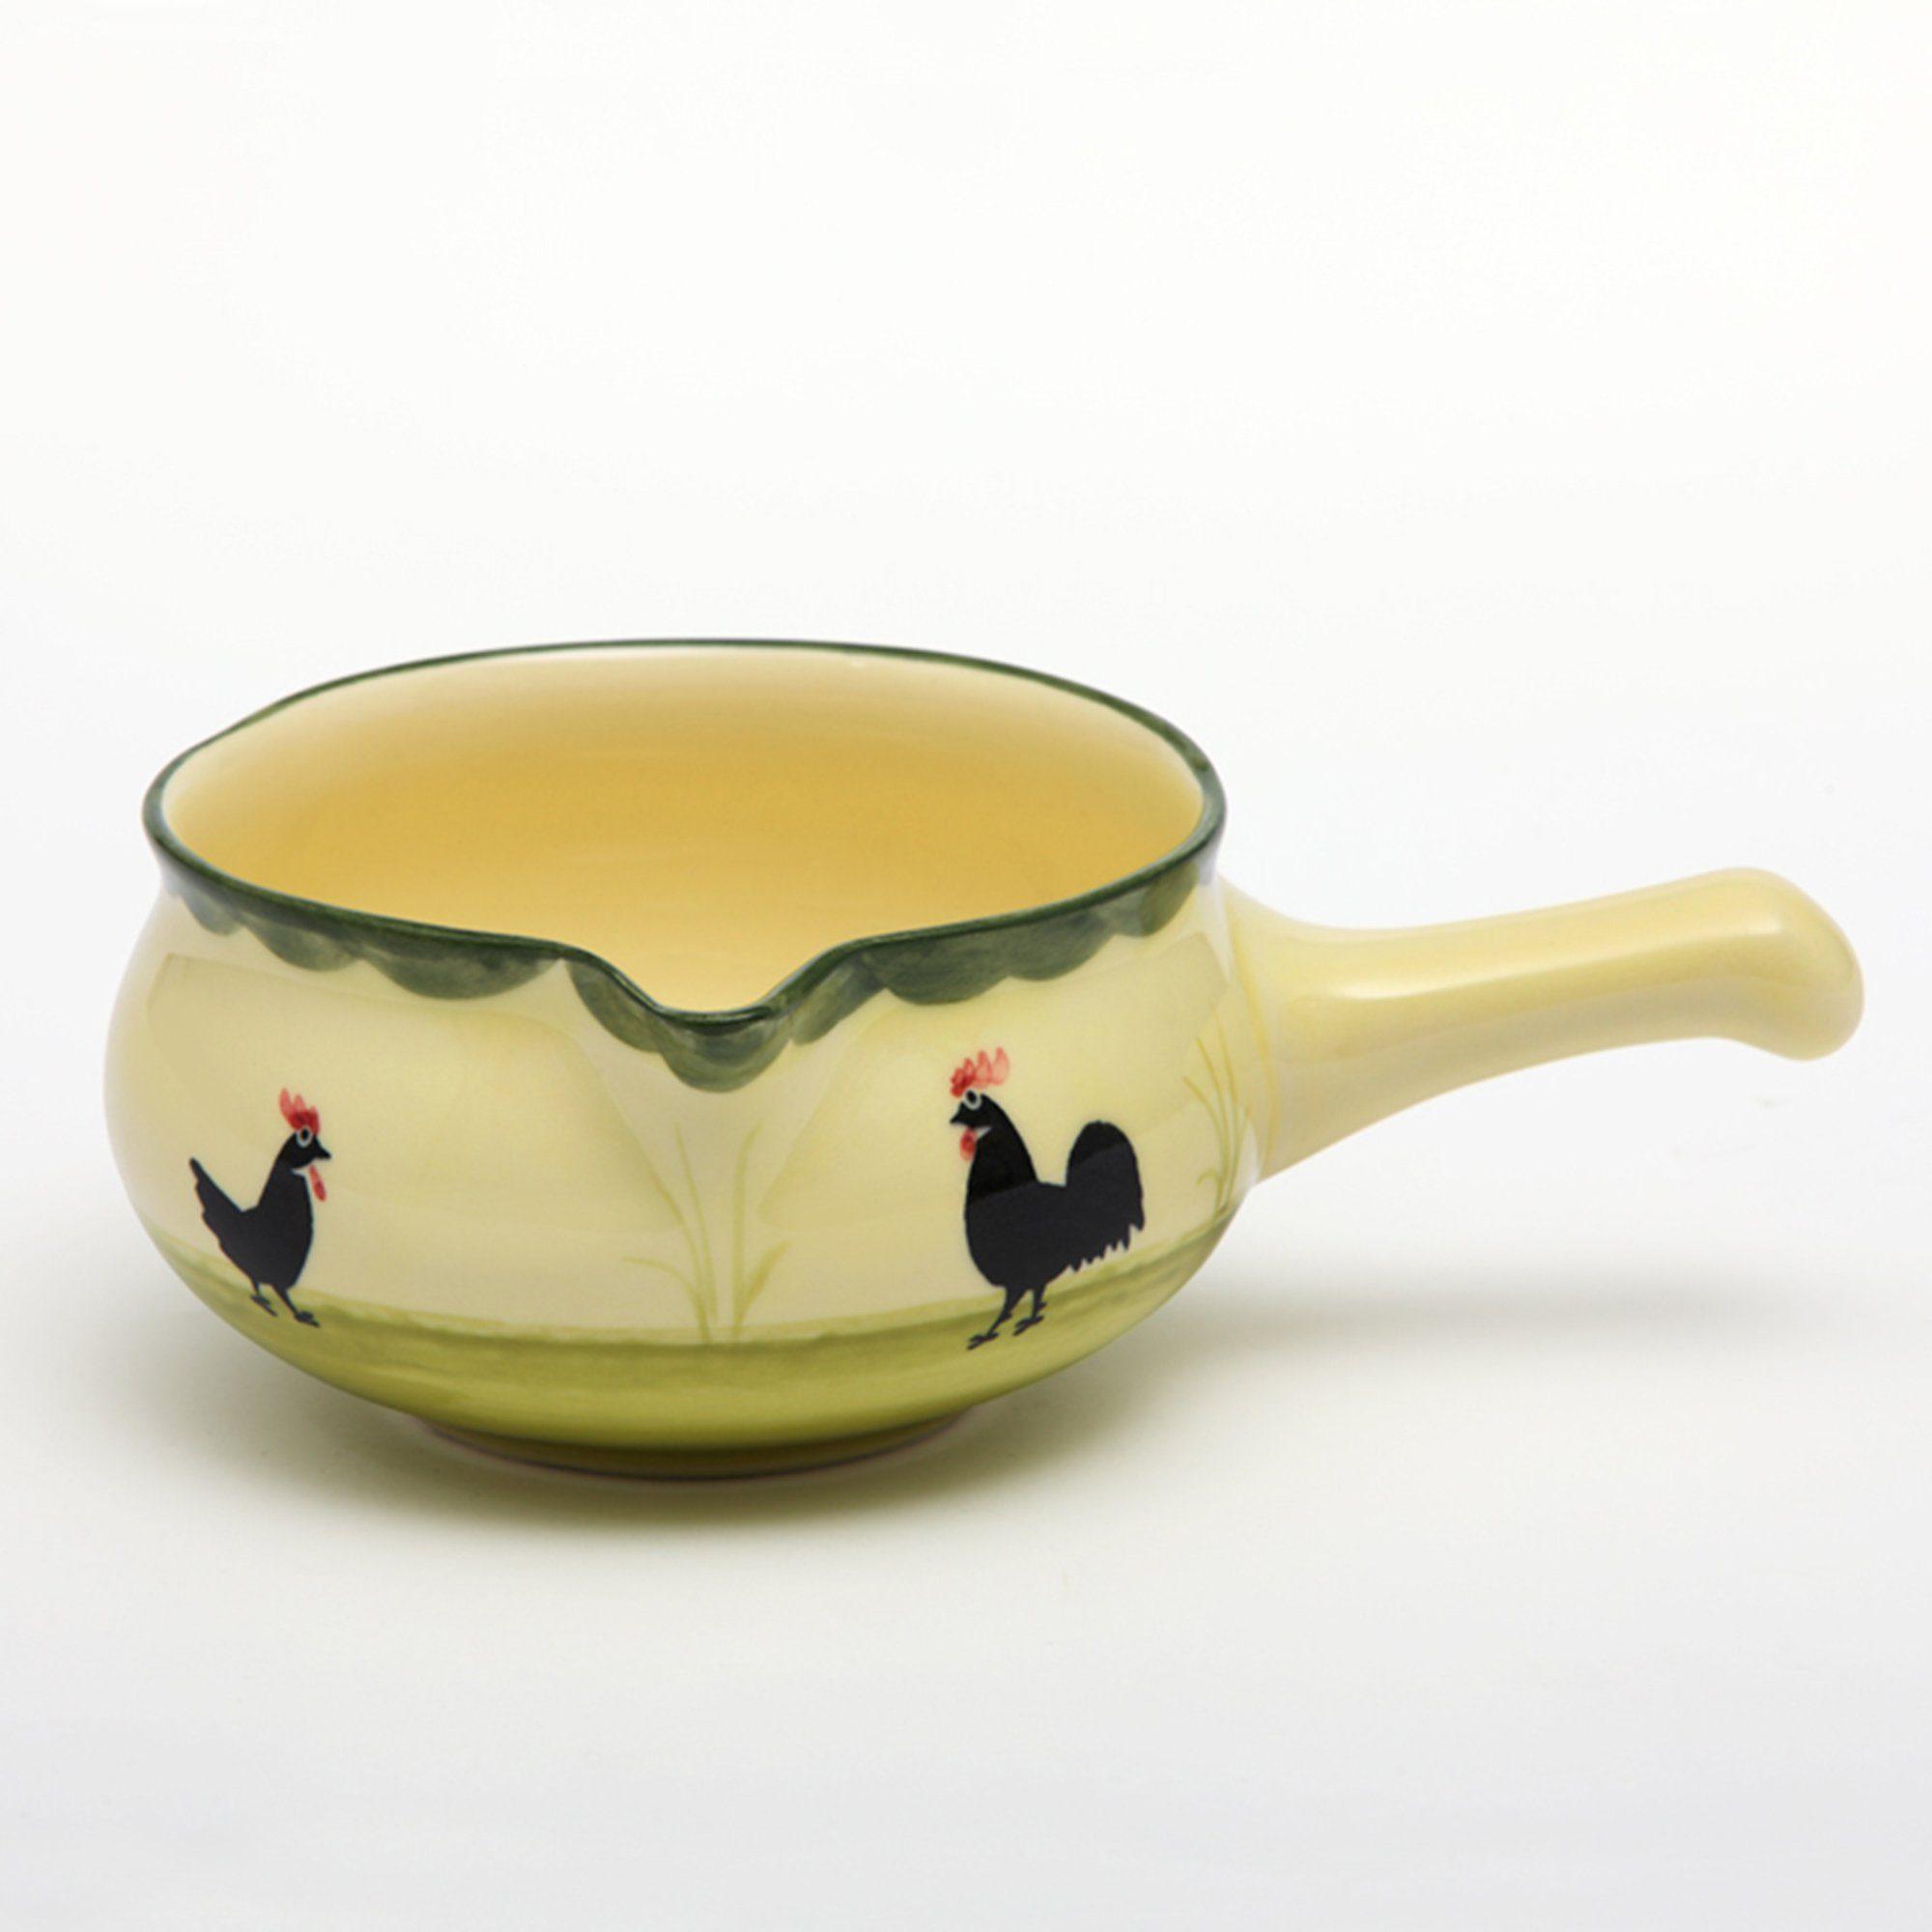 Zeller Keramik Sauciere »Hahn und Henne«